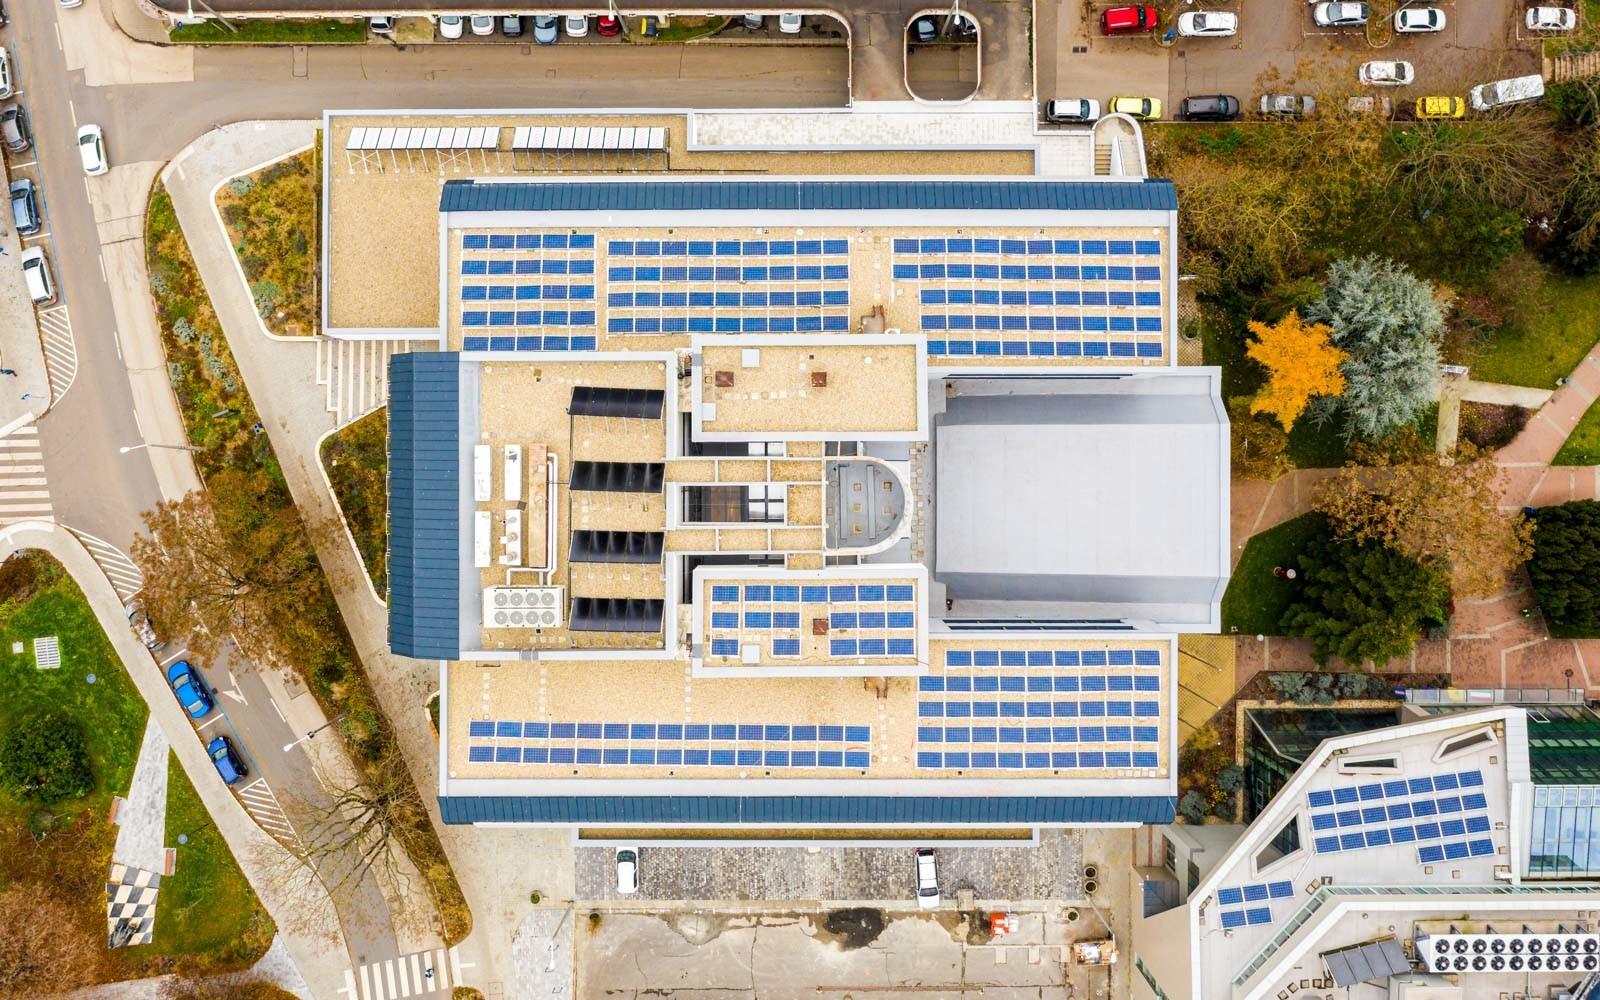 Teljes korszerűsítésen esett át az 5 emeletes somogyi kormányhivatal épülete